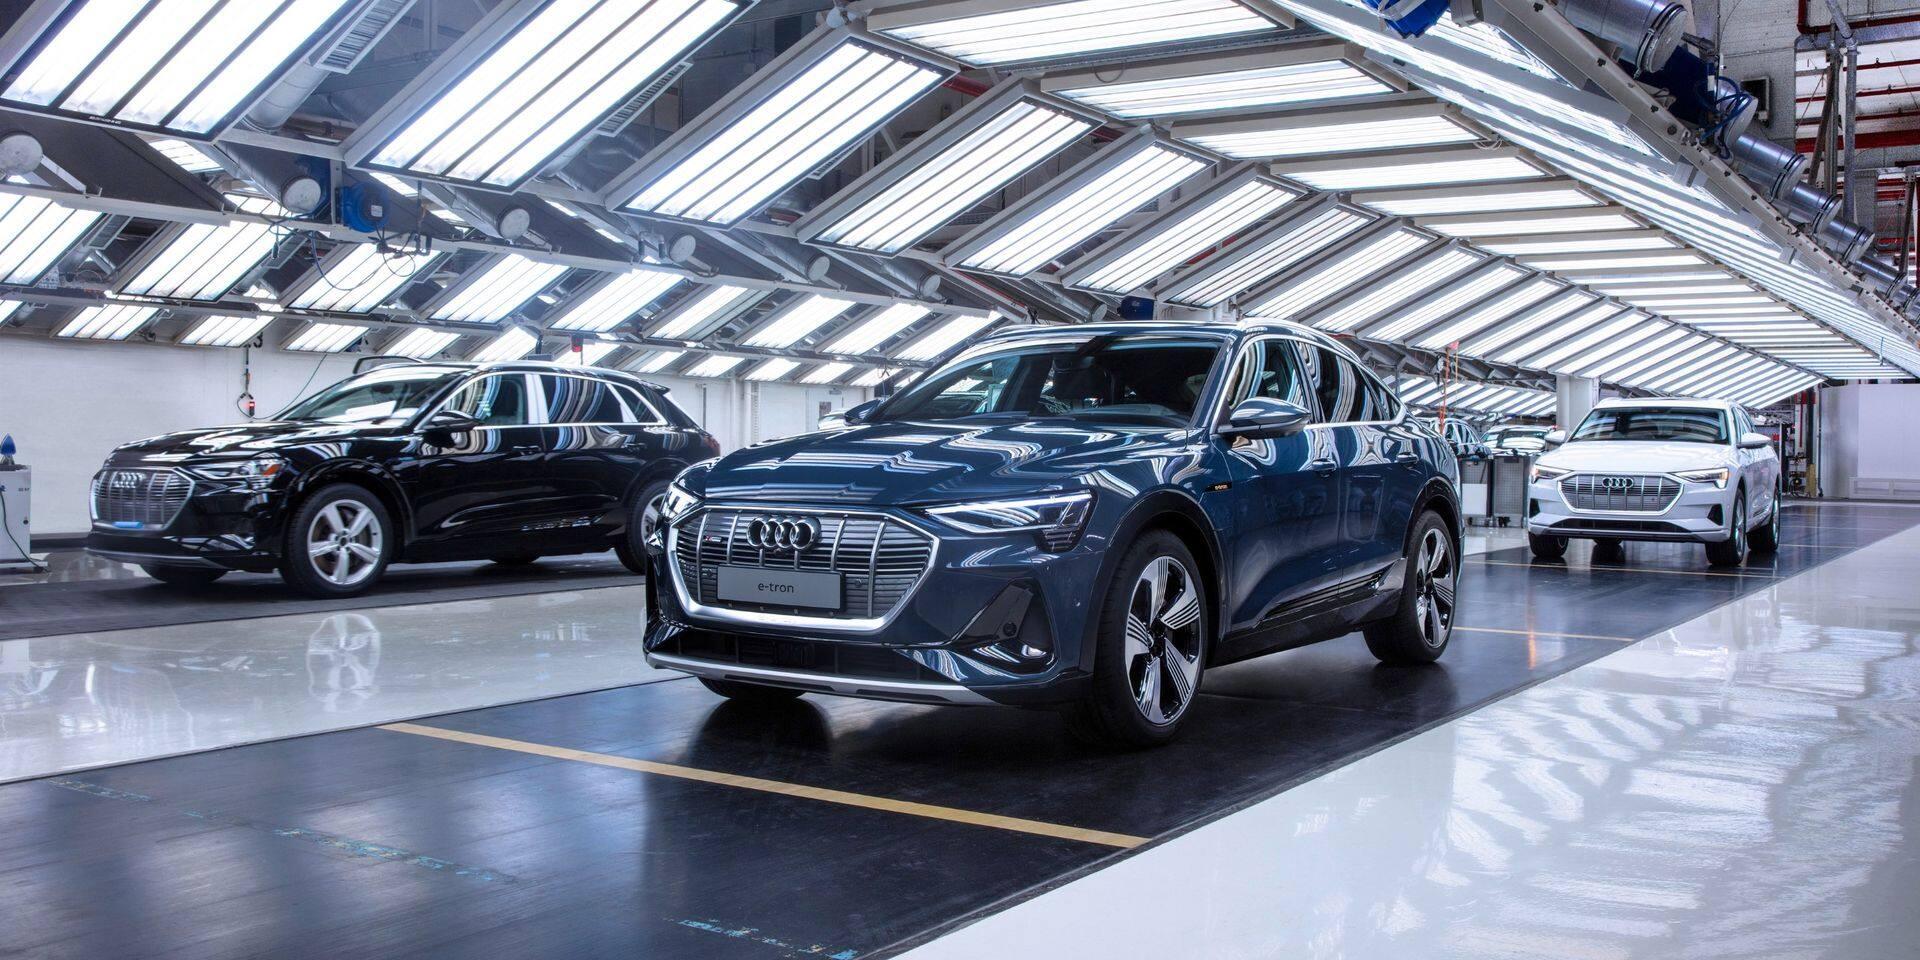 L'avenir d'Audi Brussels est assuré : un nouveau modèle attendu en 2026